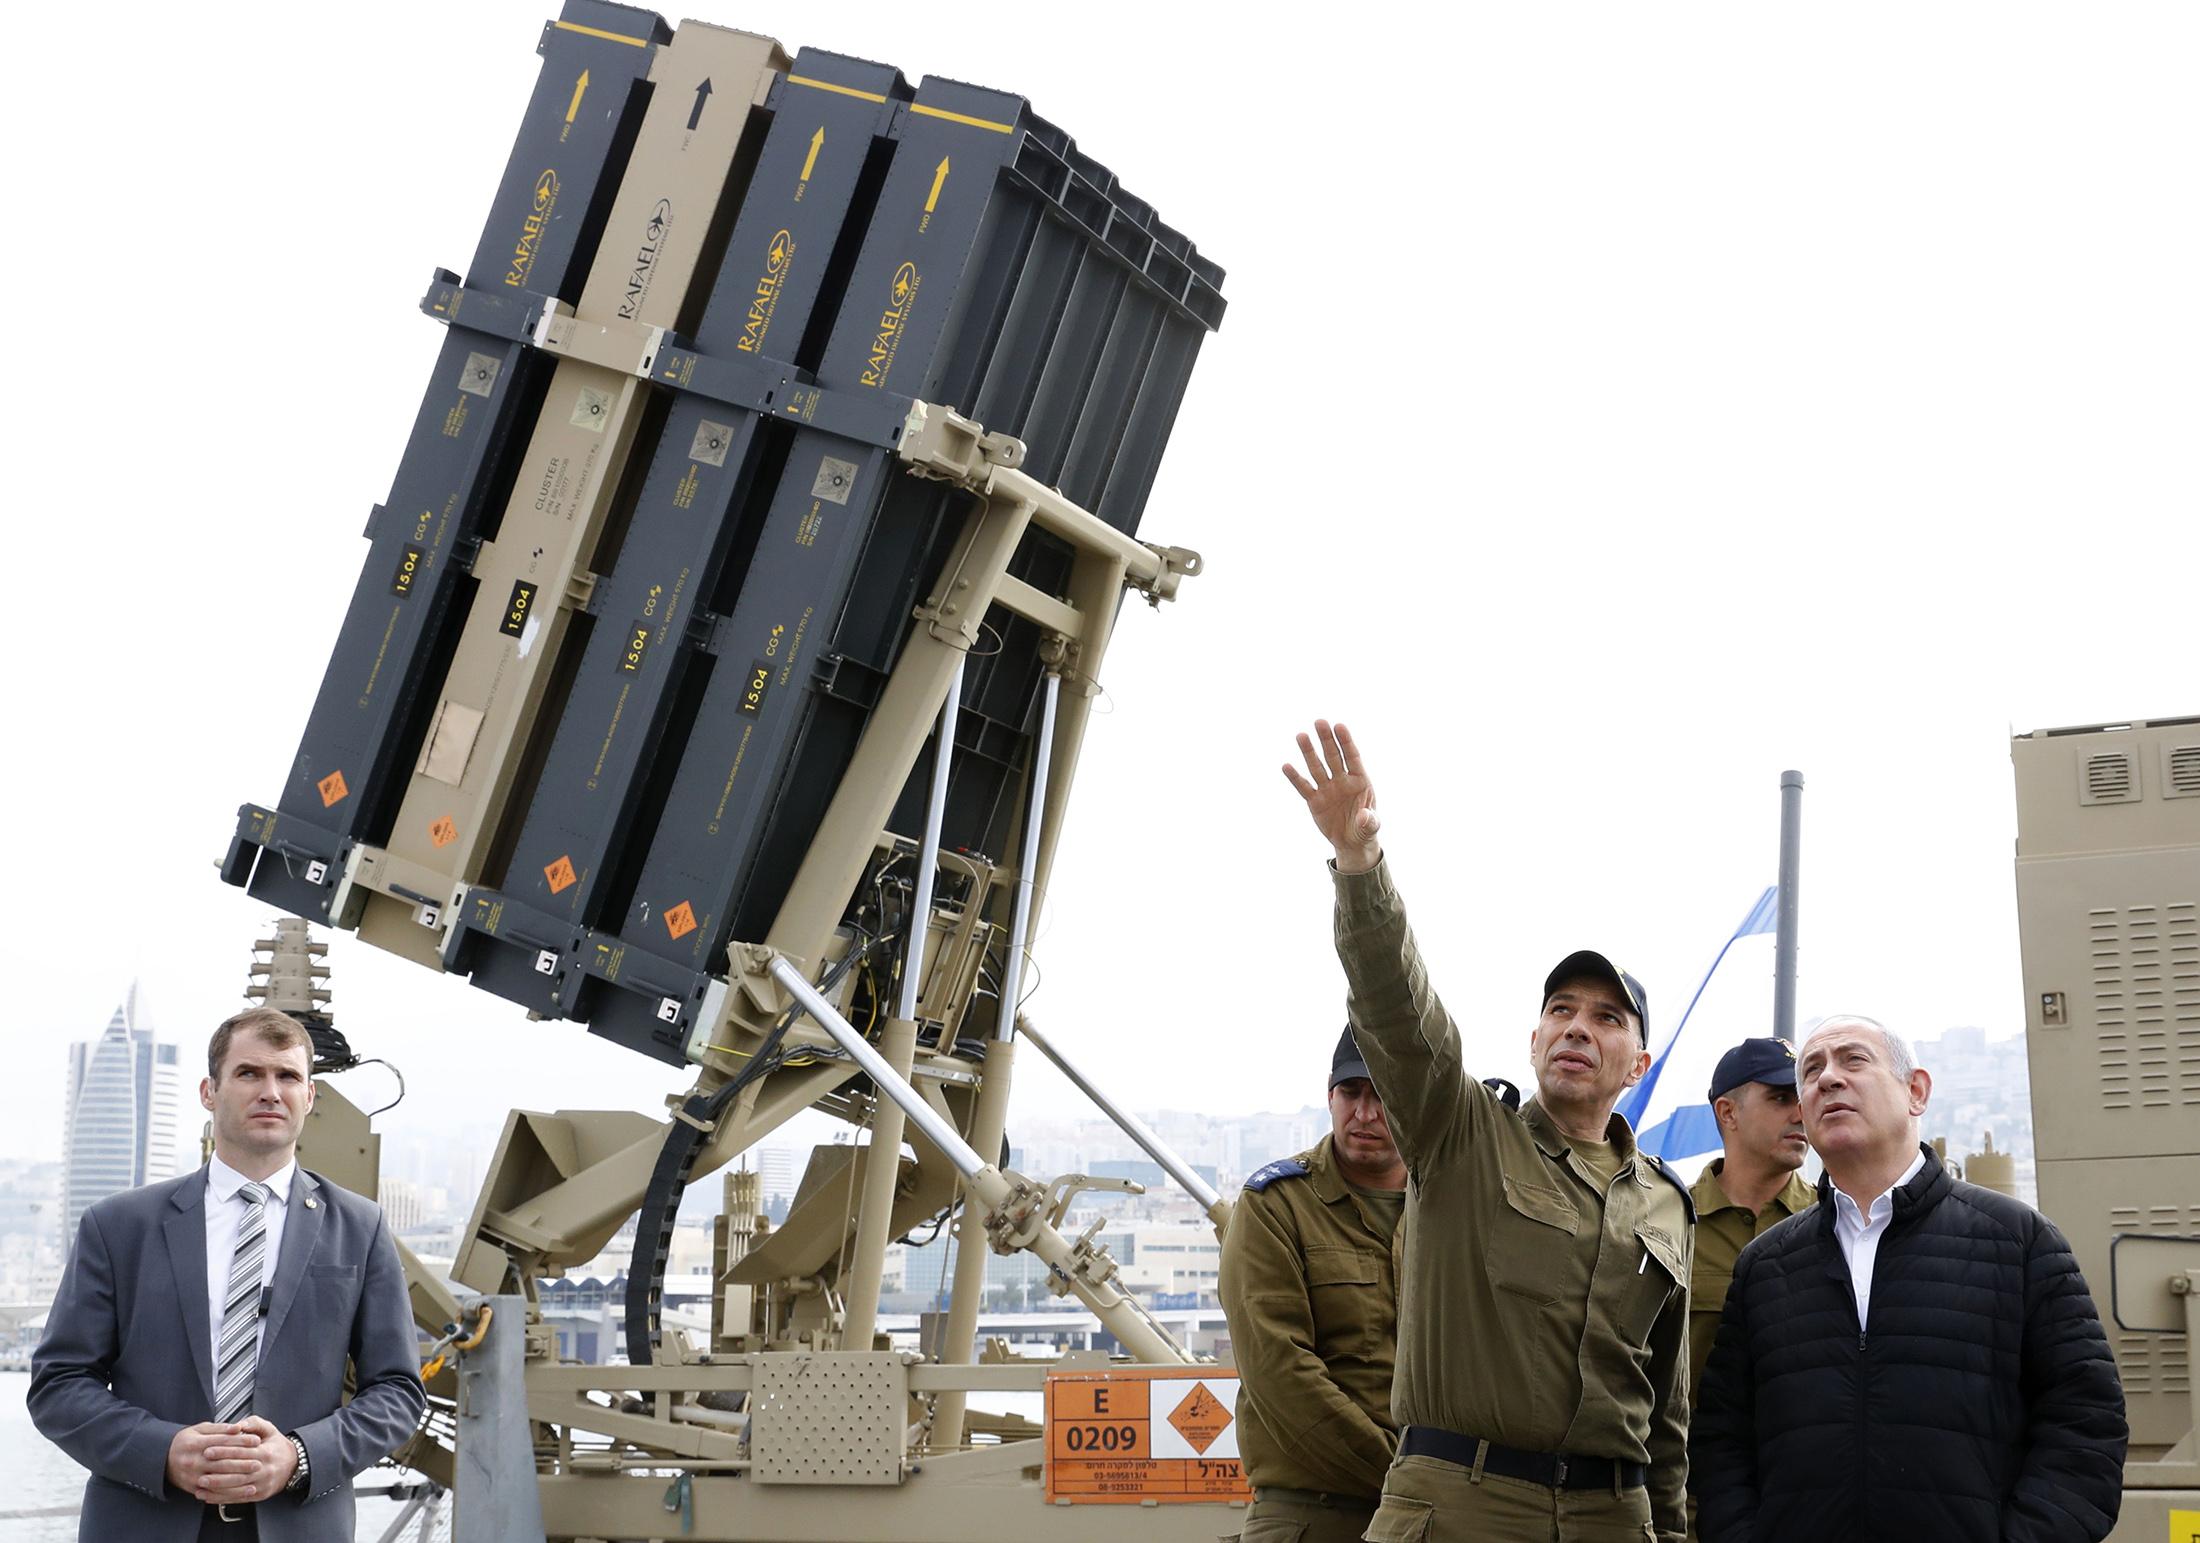 ایران تا آستانه هک سیستم های دفاع موشکی اسرائیل پیش رفت